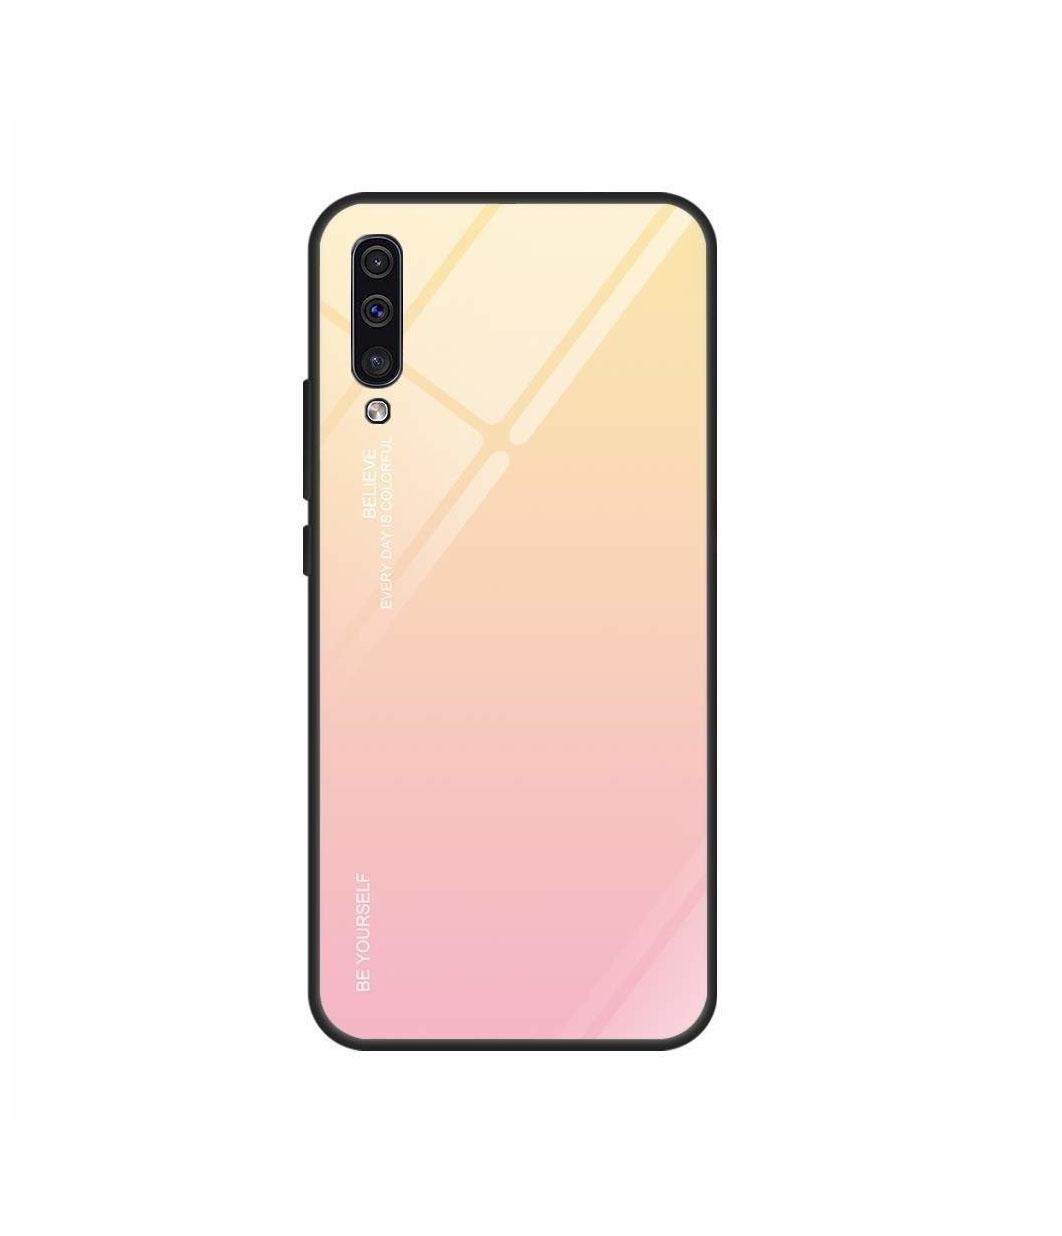 Θήκη Glass Gradient Case για Xiaomi Redmi Note 8 Pro Light Pink